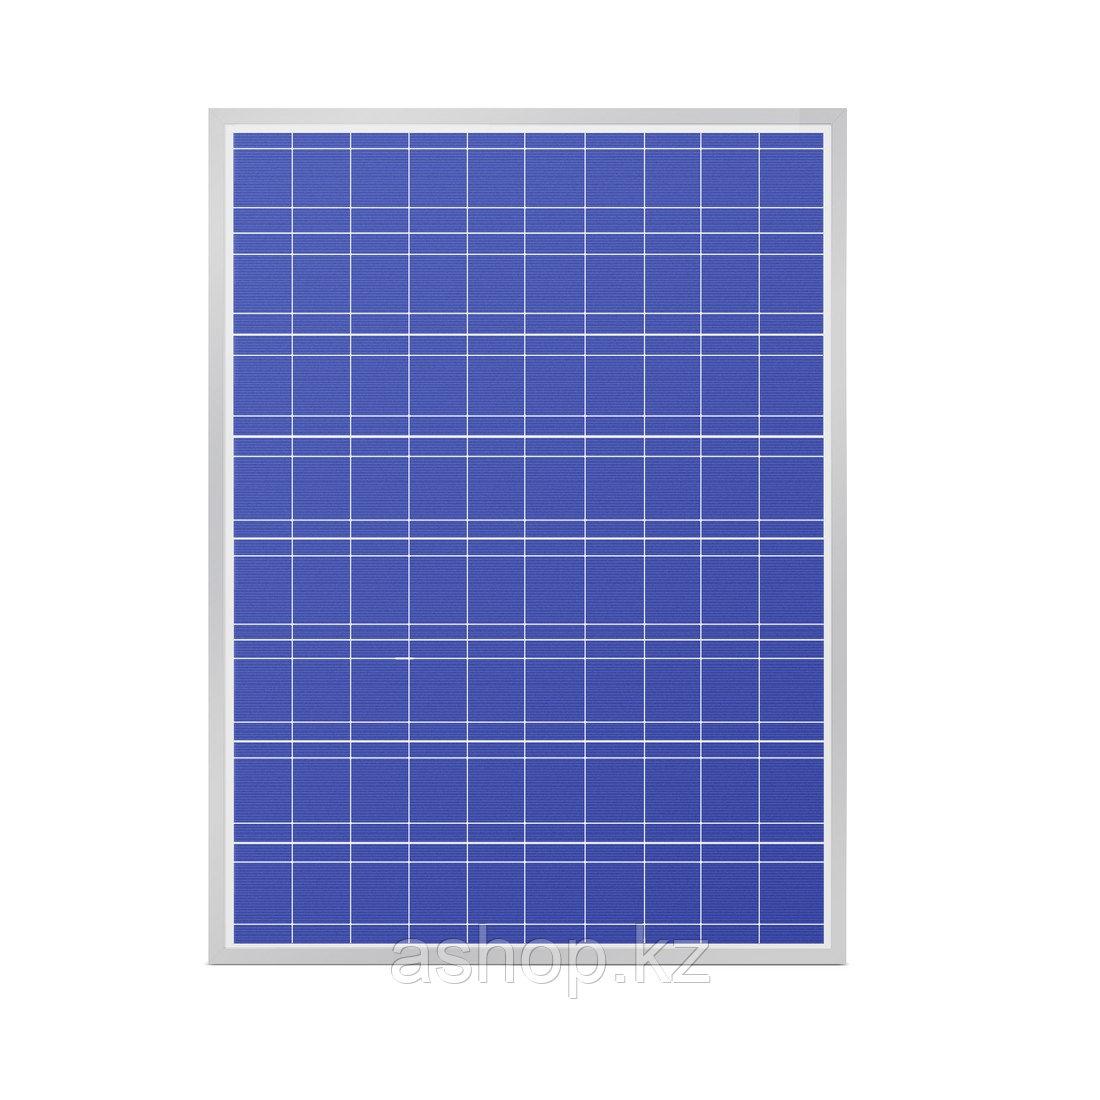 Солнечная панель поликристалическая SVC P-50, Мощность: 50 Вт, Напряжение: 12, Цвет: Синий, Упаковка: Коробка